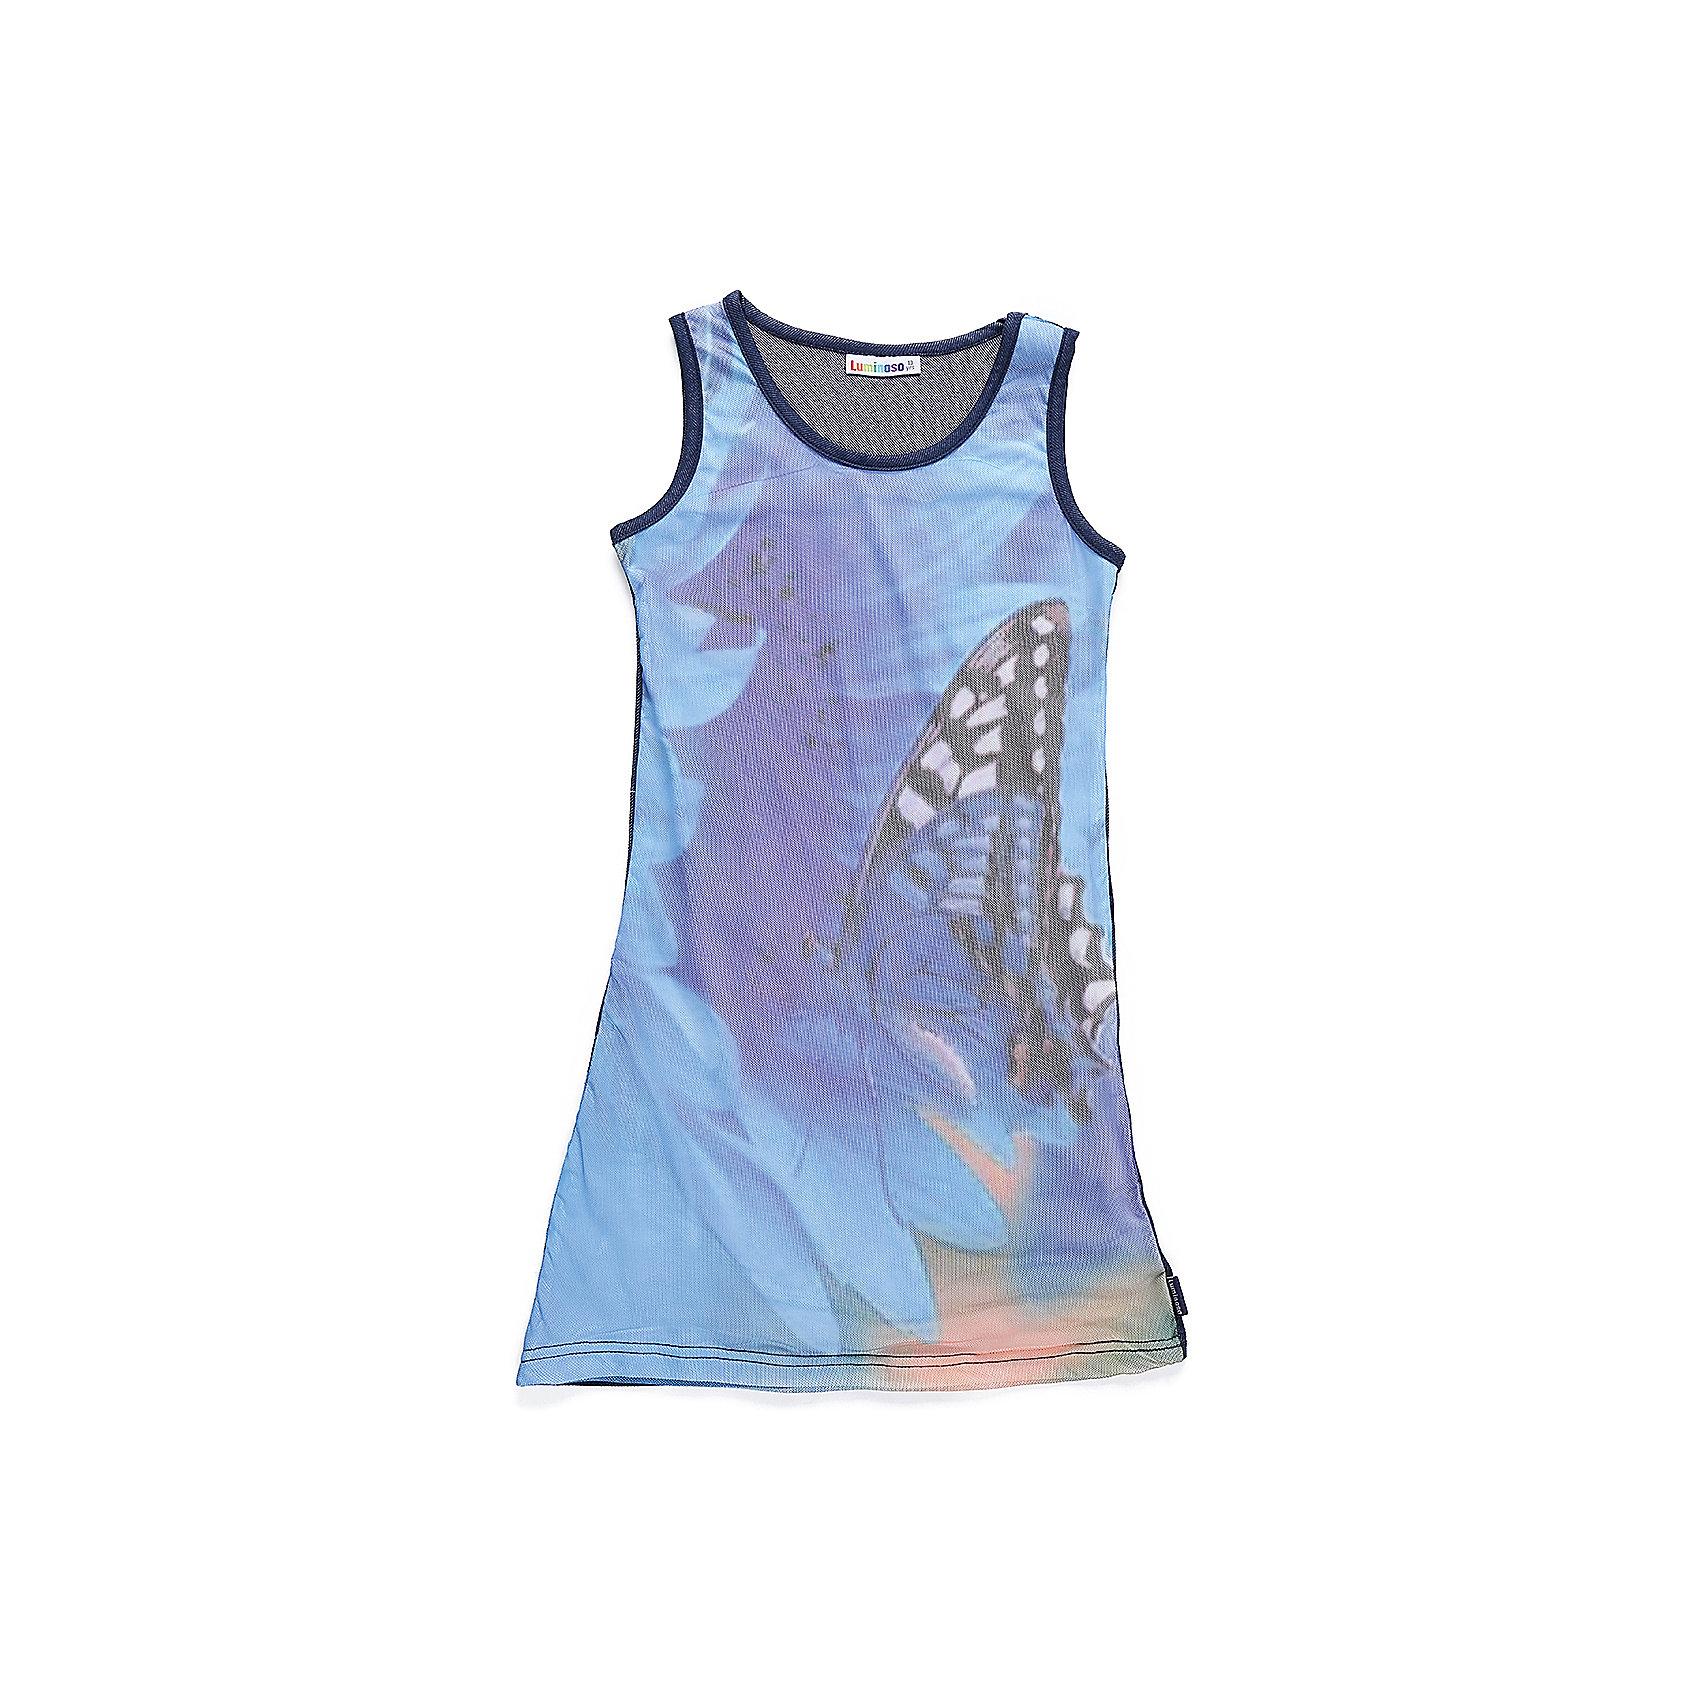 Платье для девочки LuminosoПлатья и сарафаны<br>Платье-туника с 3D эффектом. Приталенный крой.<br>Состав:<br>95%хлопок 5%эластан<br><br>Ширина мм: 236<br>Глубина мм: 16<br>Высота мм: 184<br>Вес г: 177<br>Цвет: голубой<br>Возраст от месяцев: 96<br>Возраст до месяцев: 108<br>Пол: Женский<br>Возраст: Детский<br>Размер: 134,140,146,152,158,164<br>SKU: 5413066